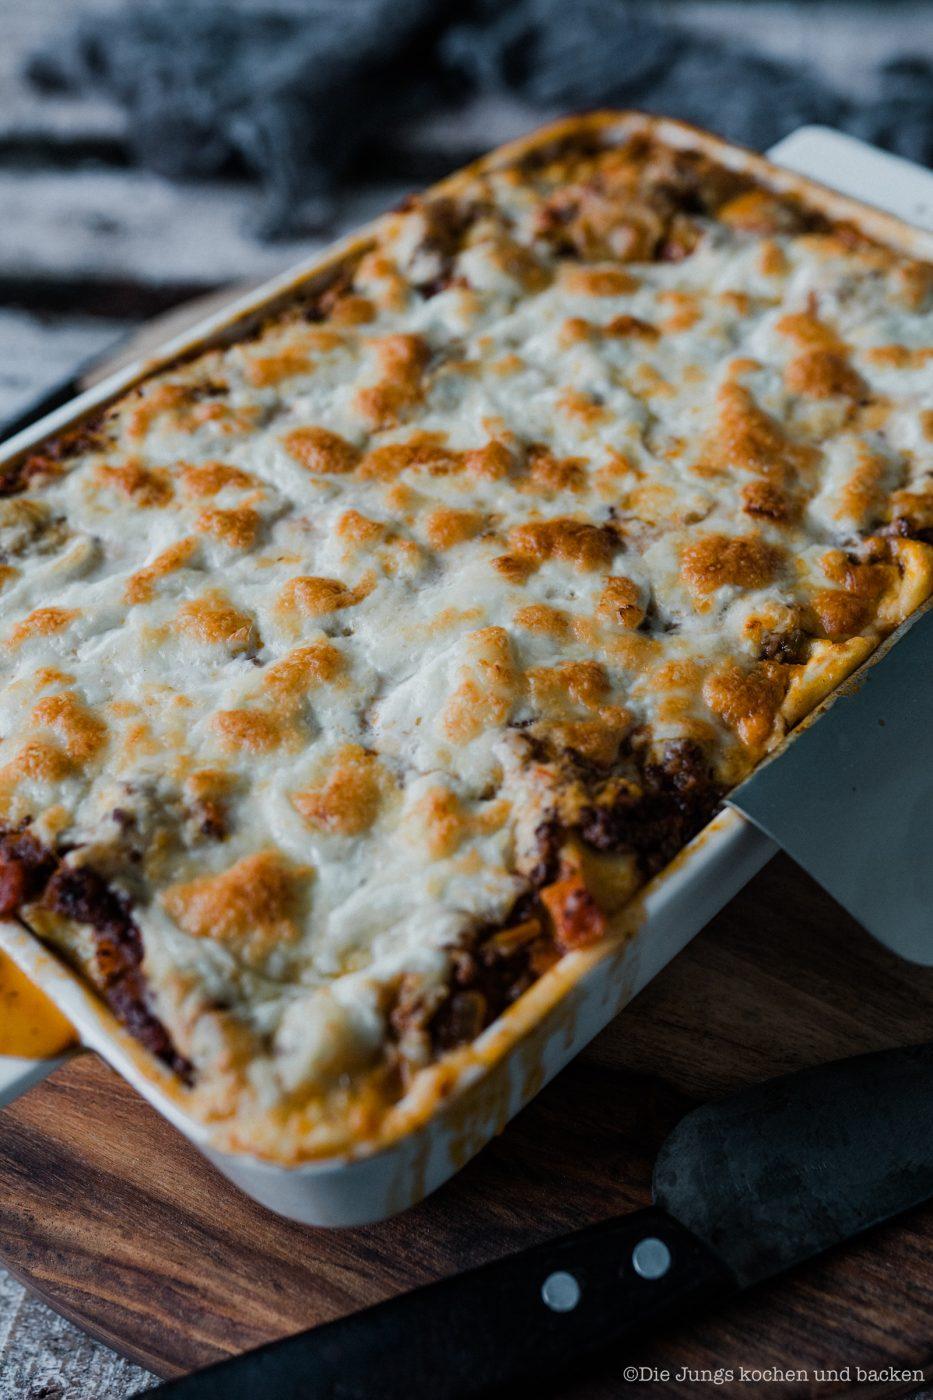 Lasagne al forno 4 | Nachdem wir jetzt in der vergangenen Woche selber Mehl gemahlen, Pastateig selber zu bereitet und natürlich auch damit Nudeln hergestellt haben, ist es wirklich Zeit dafür, unser uraltes Rezept für eine Lasagne al forno einmal ein wenig zu überholen. Da passte es doch perfekt, dass wir dringend ein wenig Comfort-Food brauchten, also Essen, bei dem es einem einfach gut gehen muss. Das Rezept stammt aus unseren Kinderschuhen aus dem Jahr 2013. Keine Sorge. Das Rezept war damals schon Klasse und wir haben es auch bis heute nicht verändert.